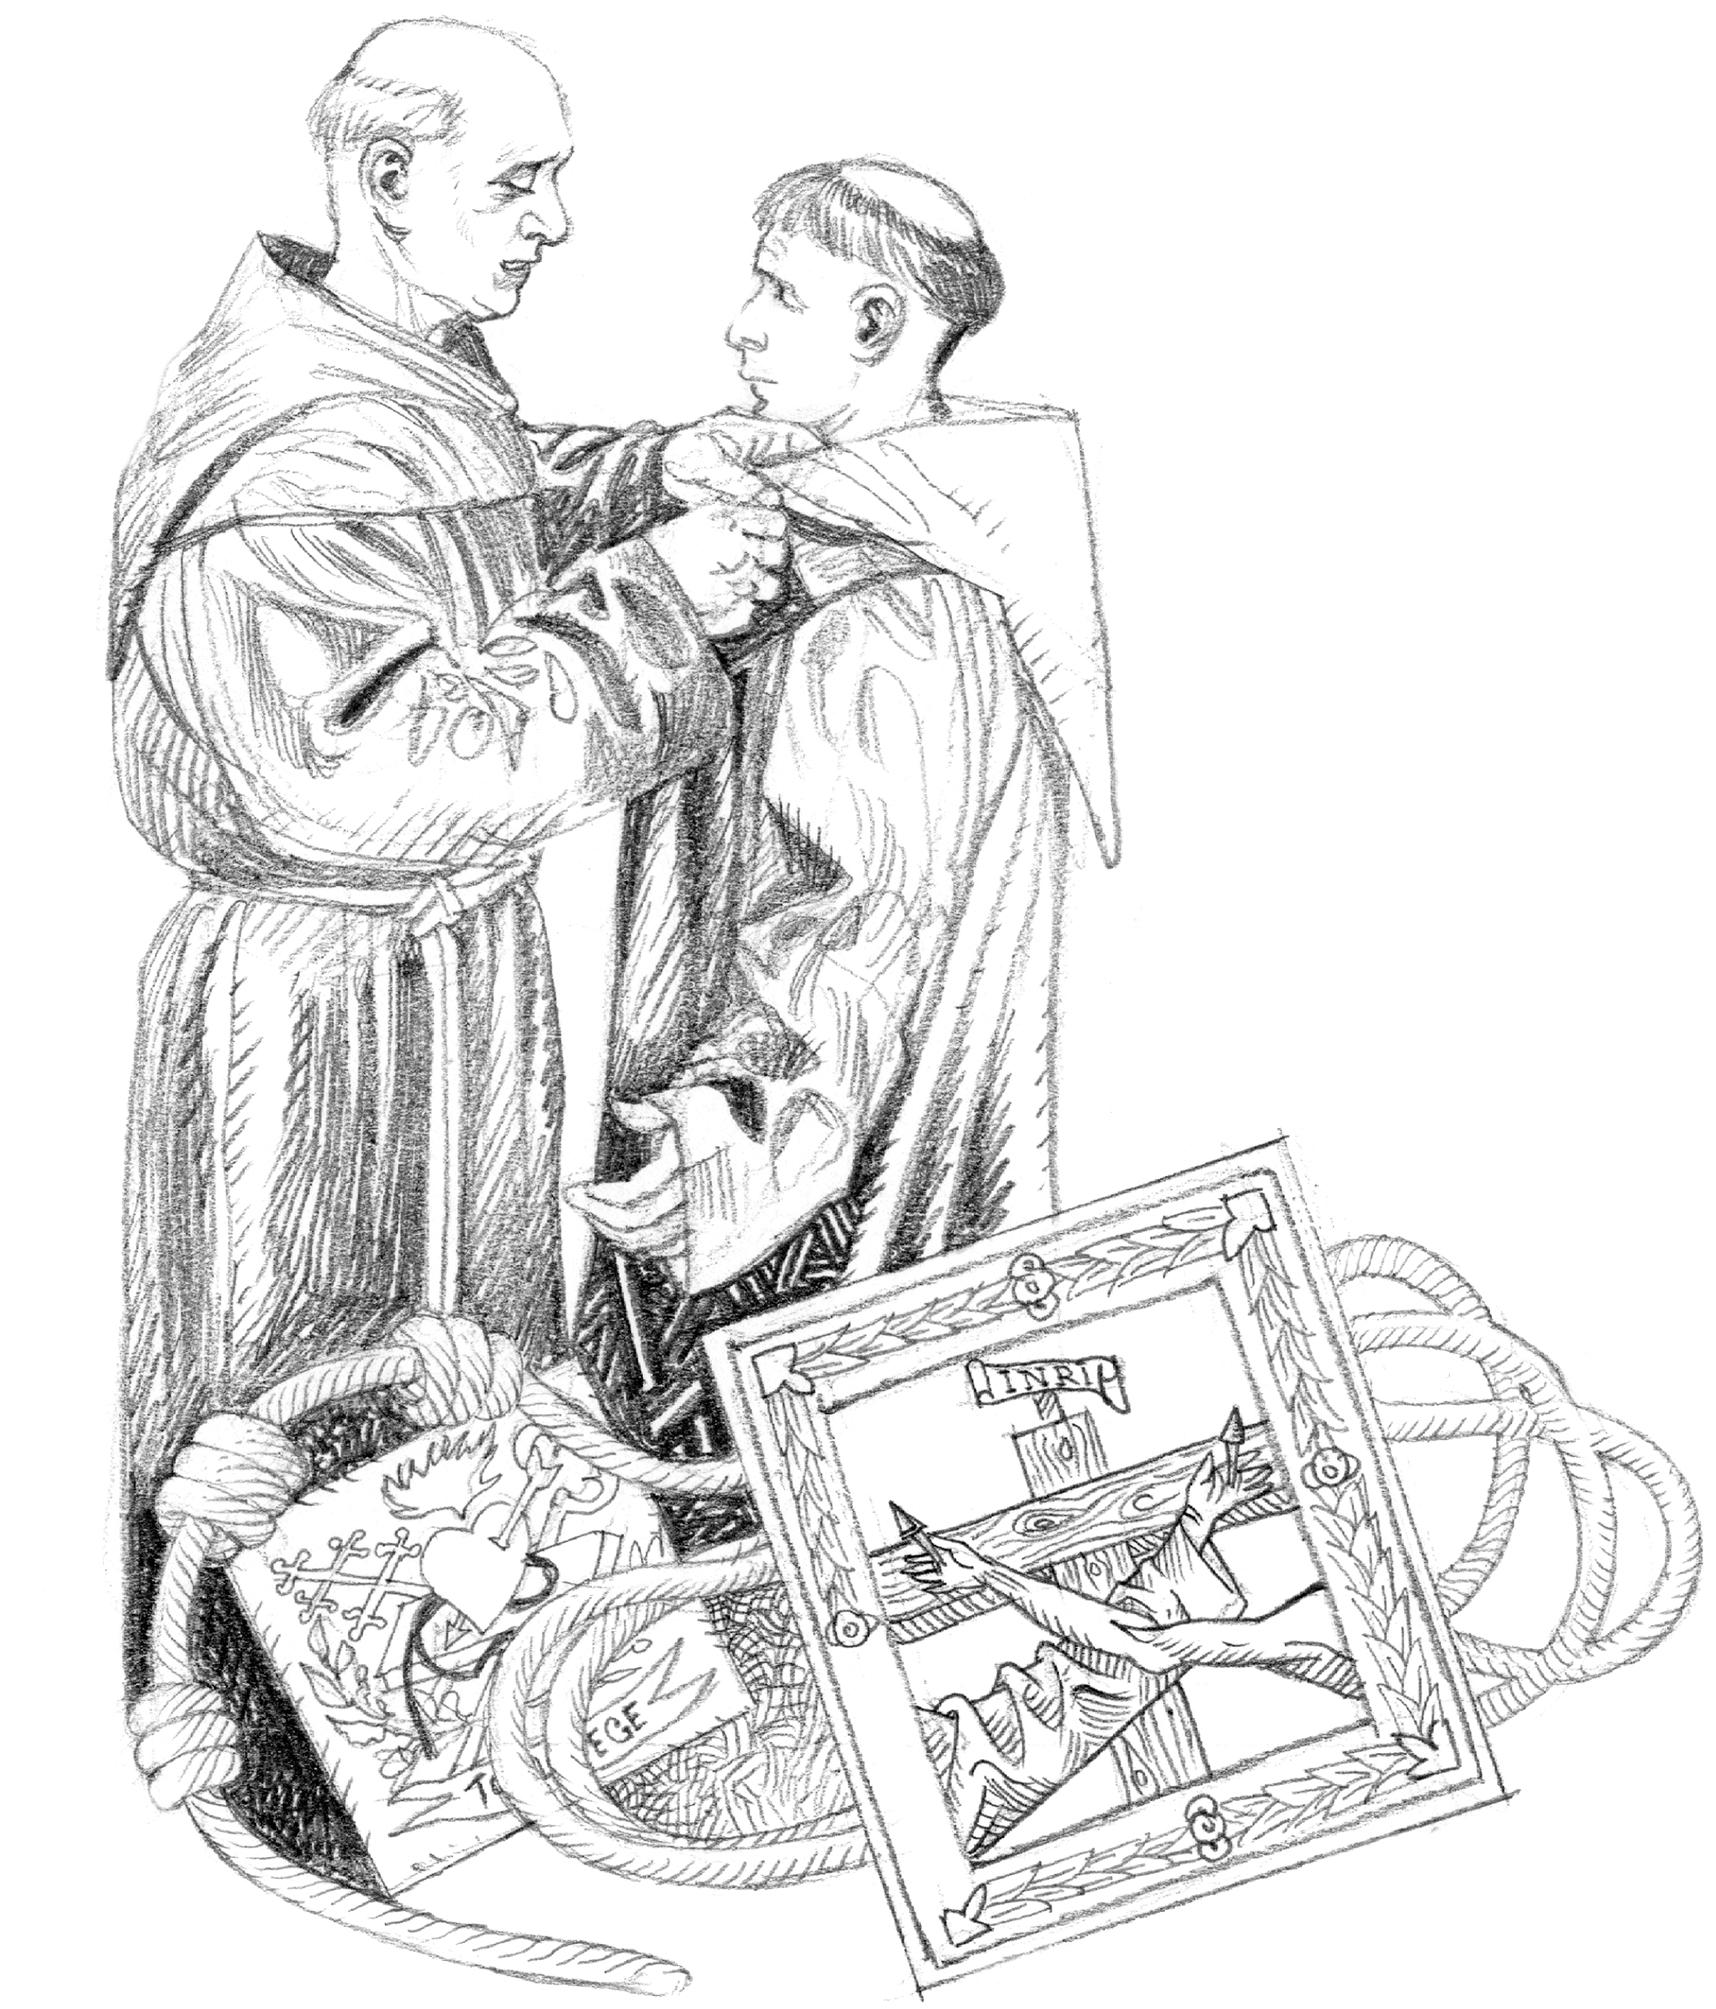 De Fernando se fez António: vestição do hábito franciscano. Ilustração de Luca Salvagno.